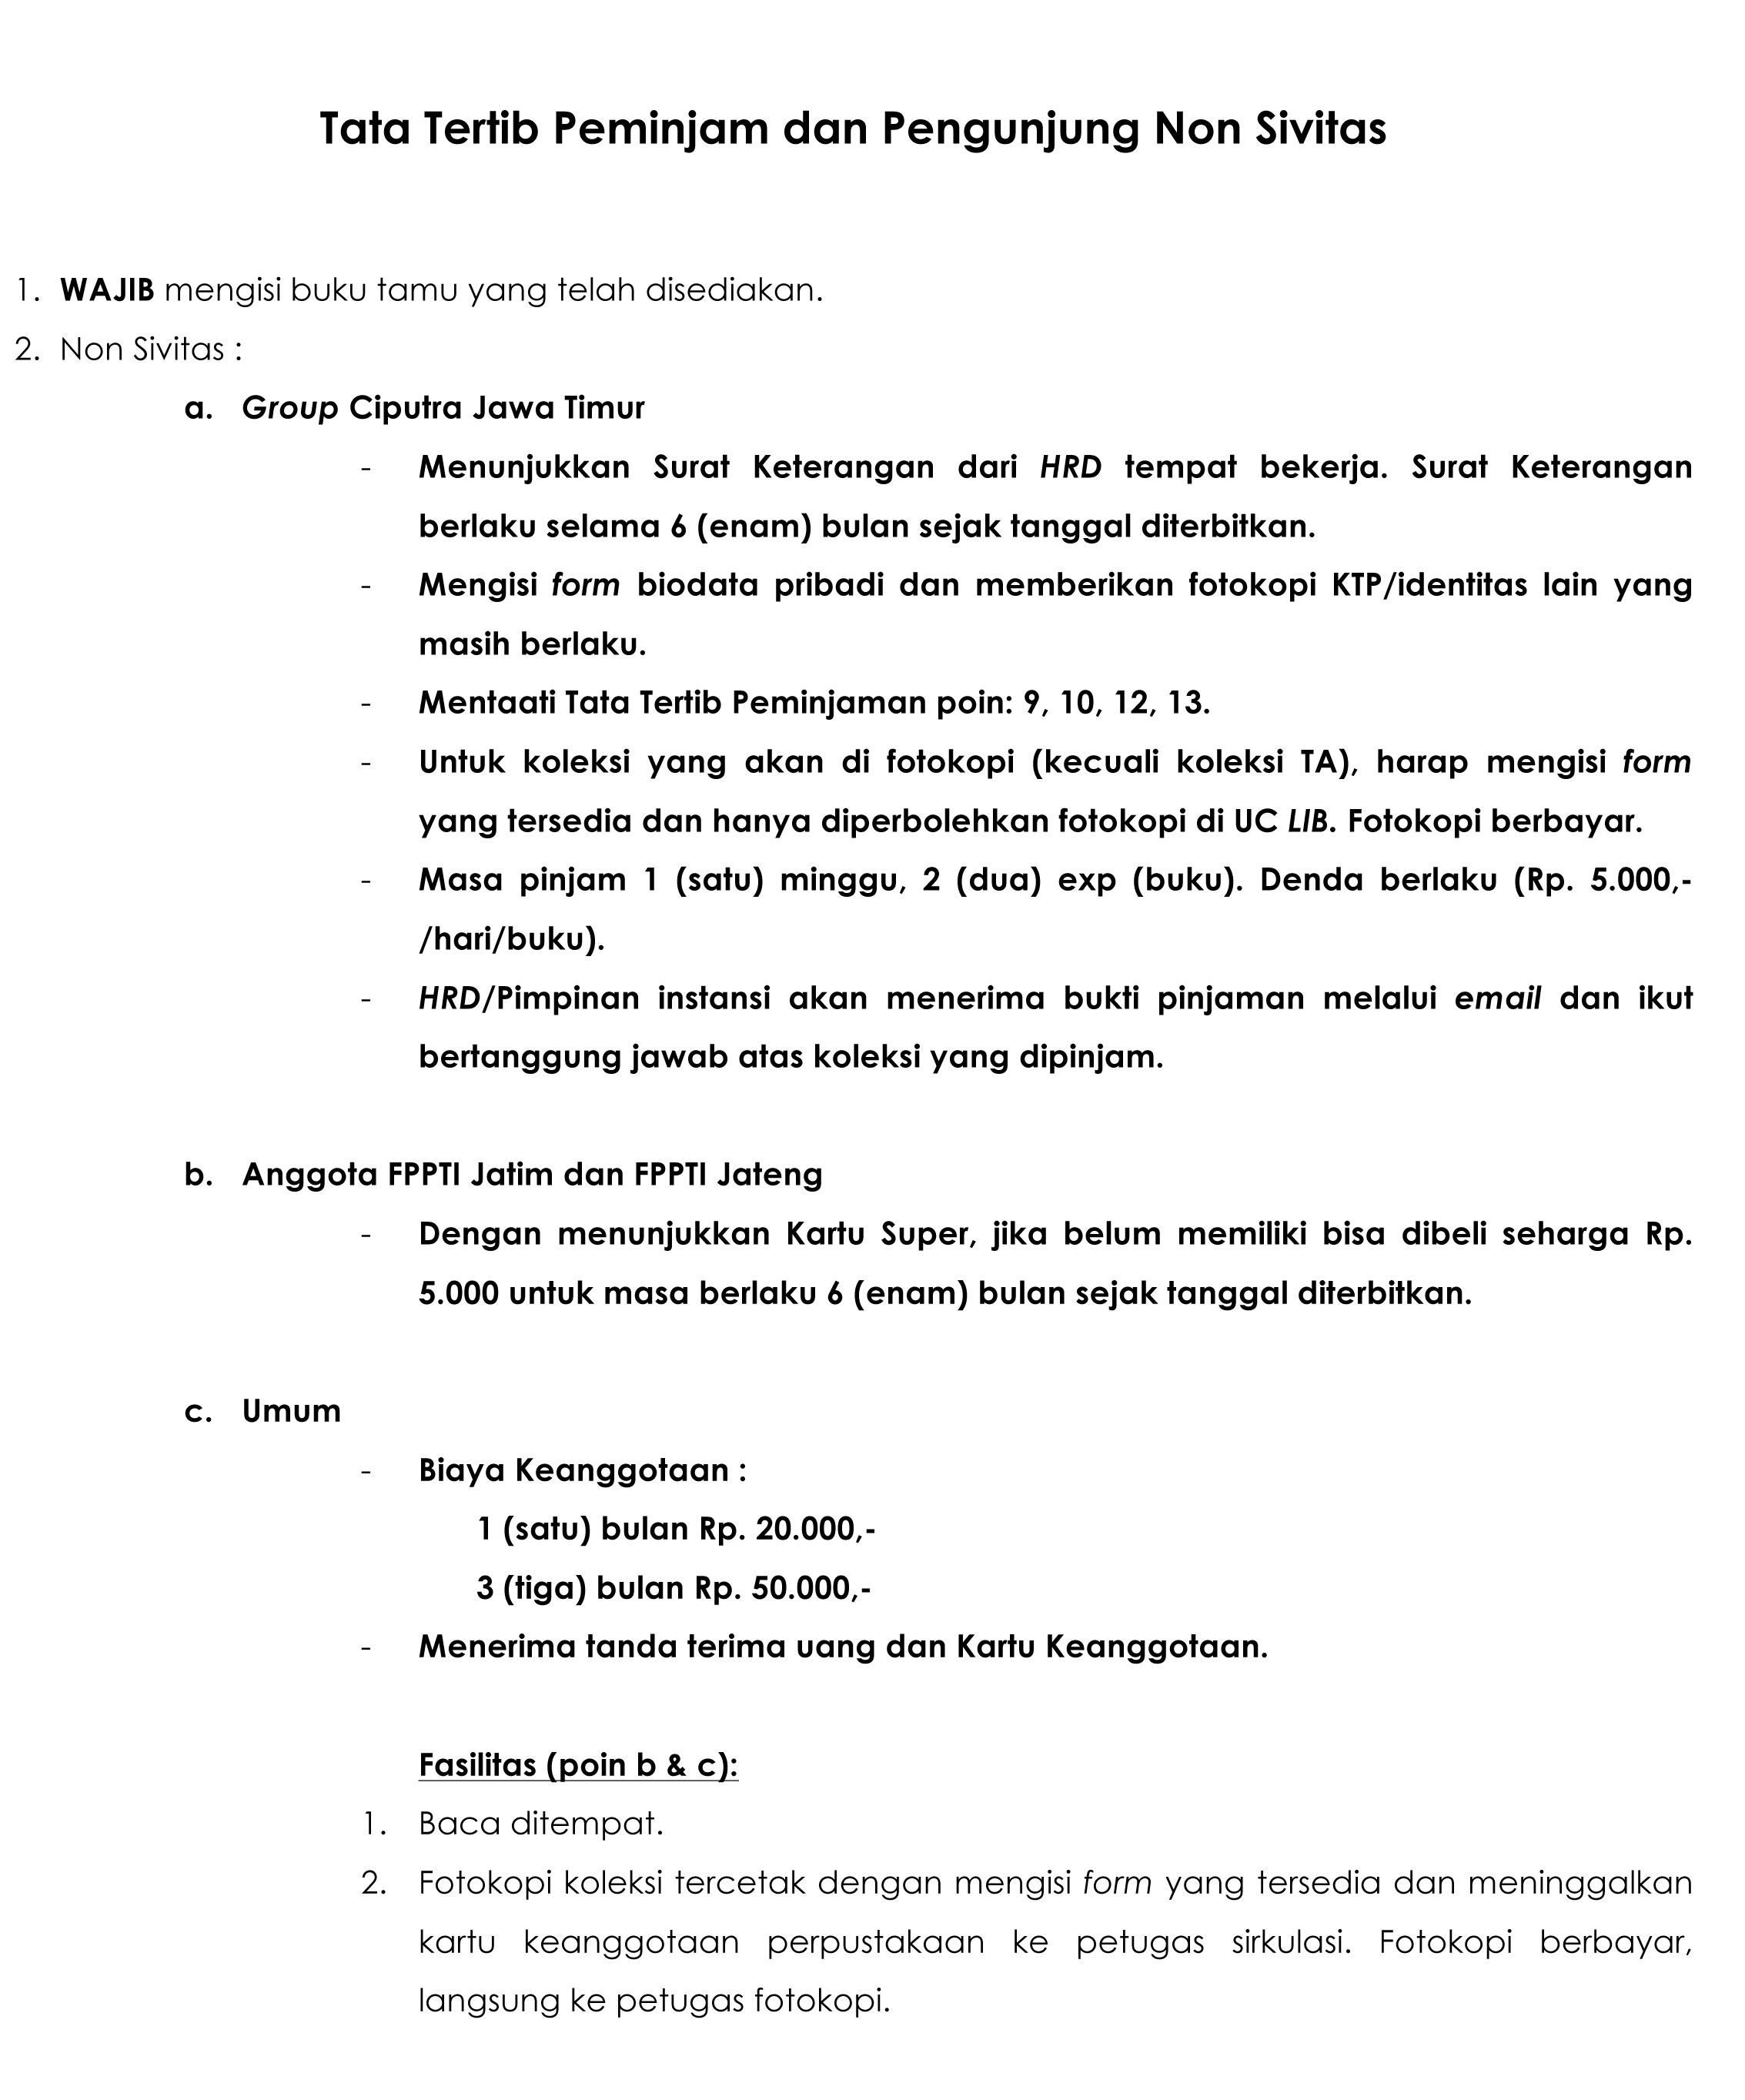 Microsoft Word - Tata Tertib Peminjaman Pengunjung_1516.doc